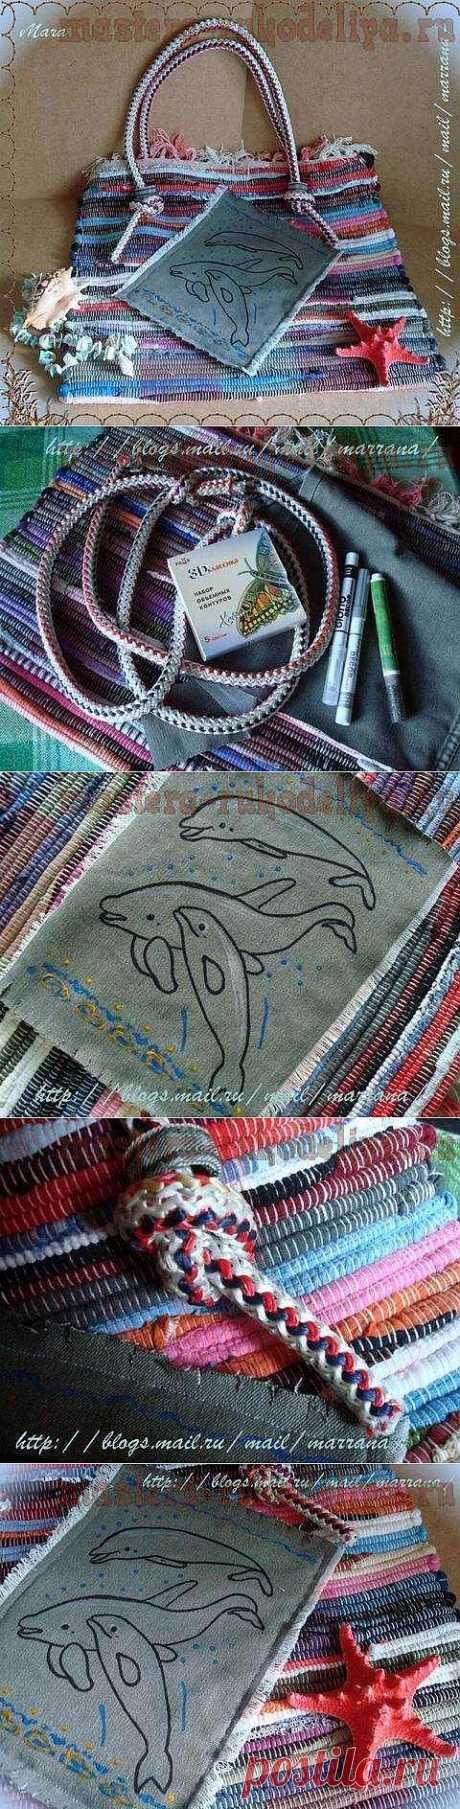 Мастера рукоделия - рукоделие для дома. Бесплатные мастер-классы, фото и видео уроки - Мастер-класс: Пляжная сумка из коврика